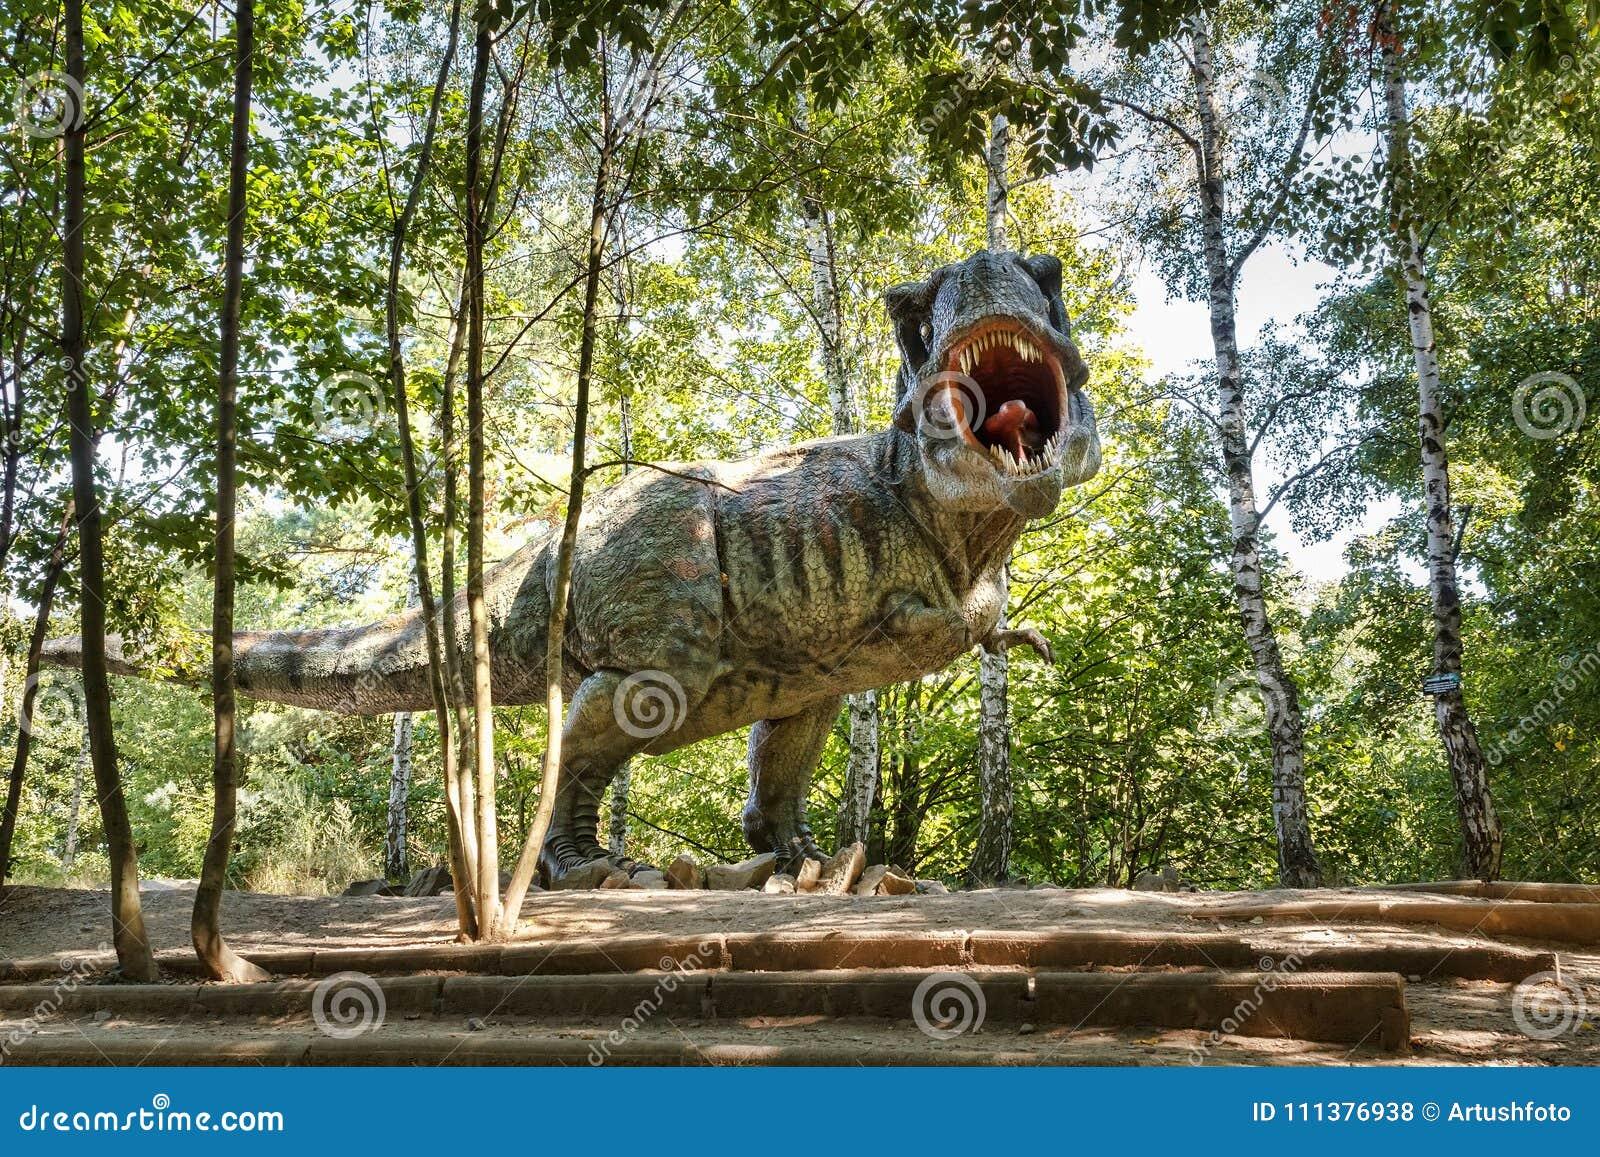 Förhistorisk dinosaurietyrannosarie Rex i djurliv